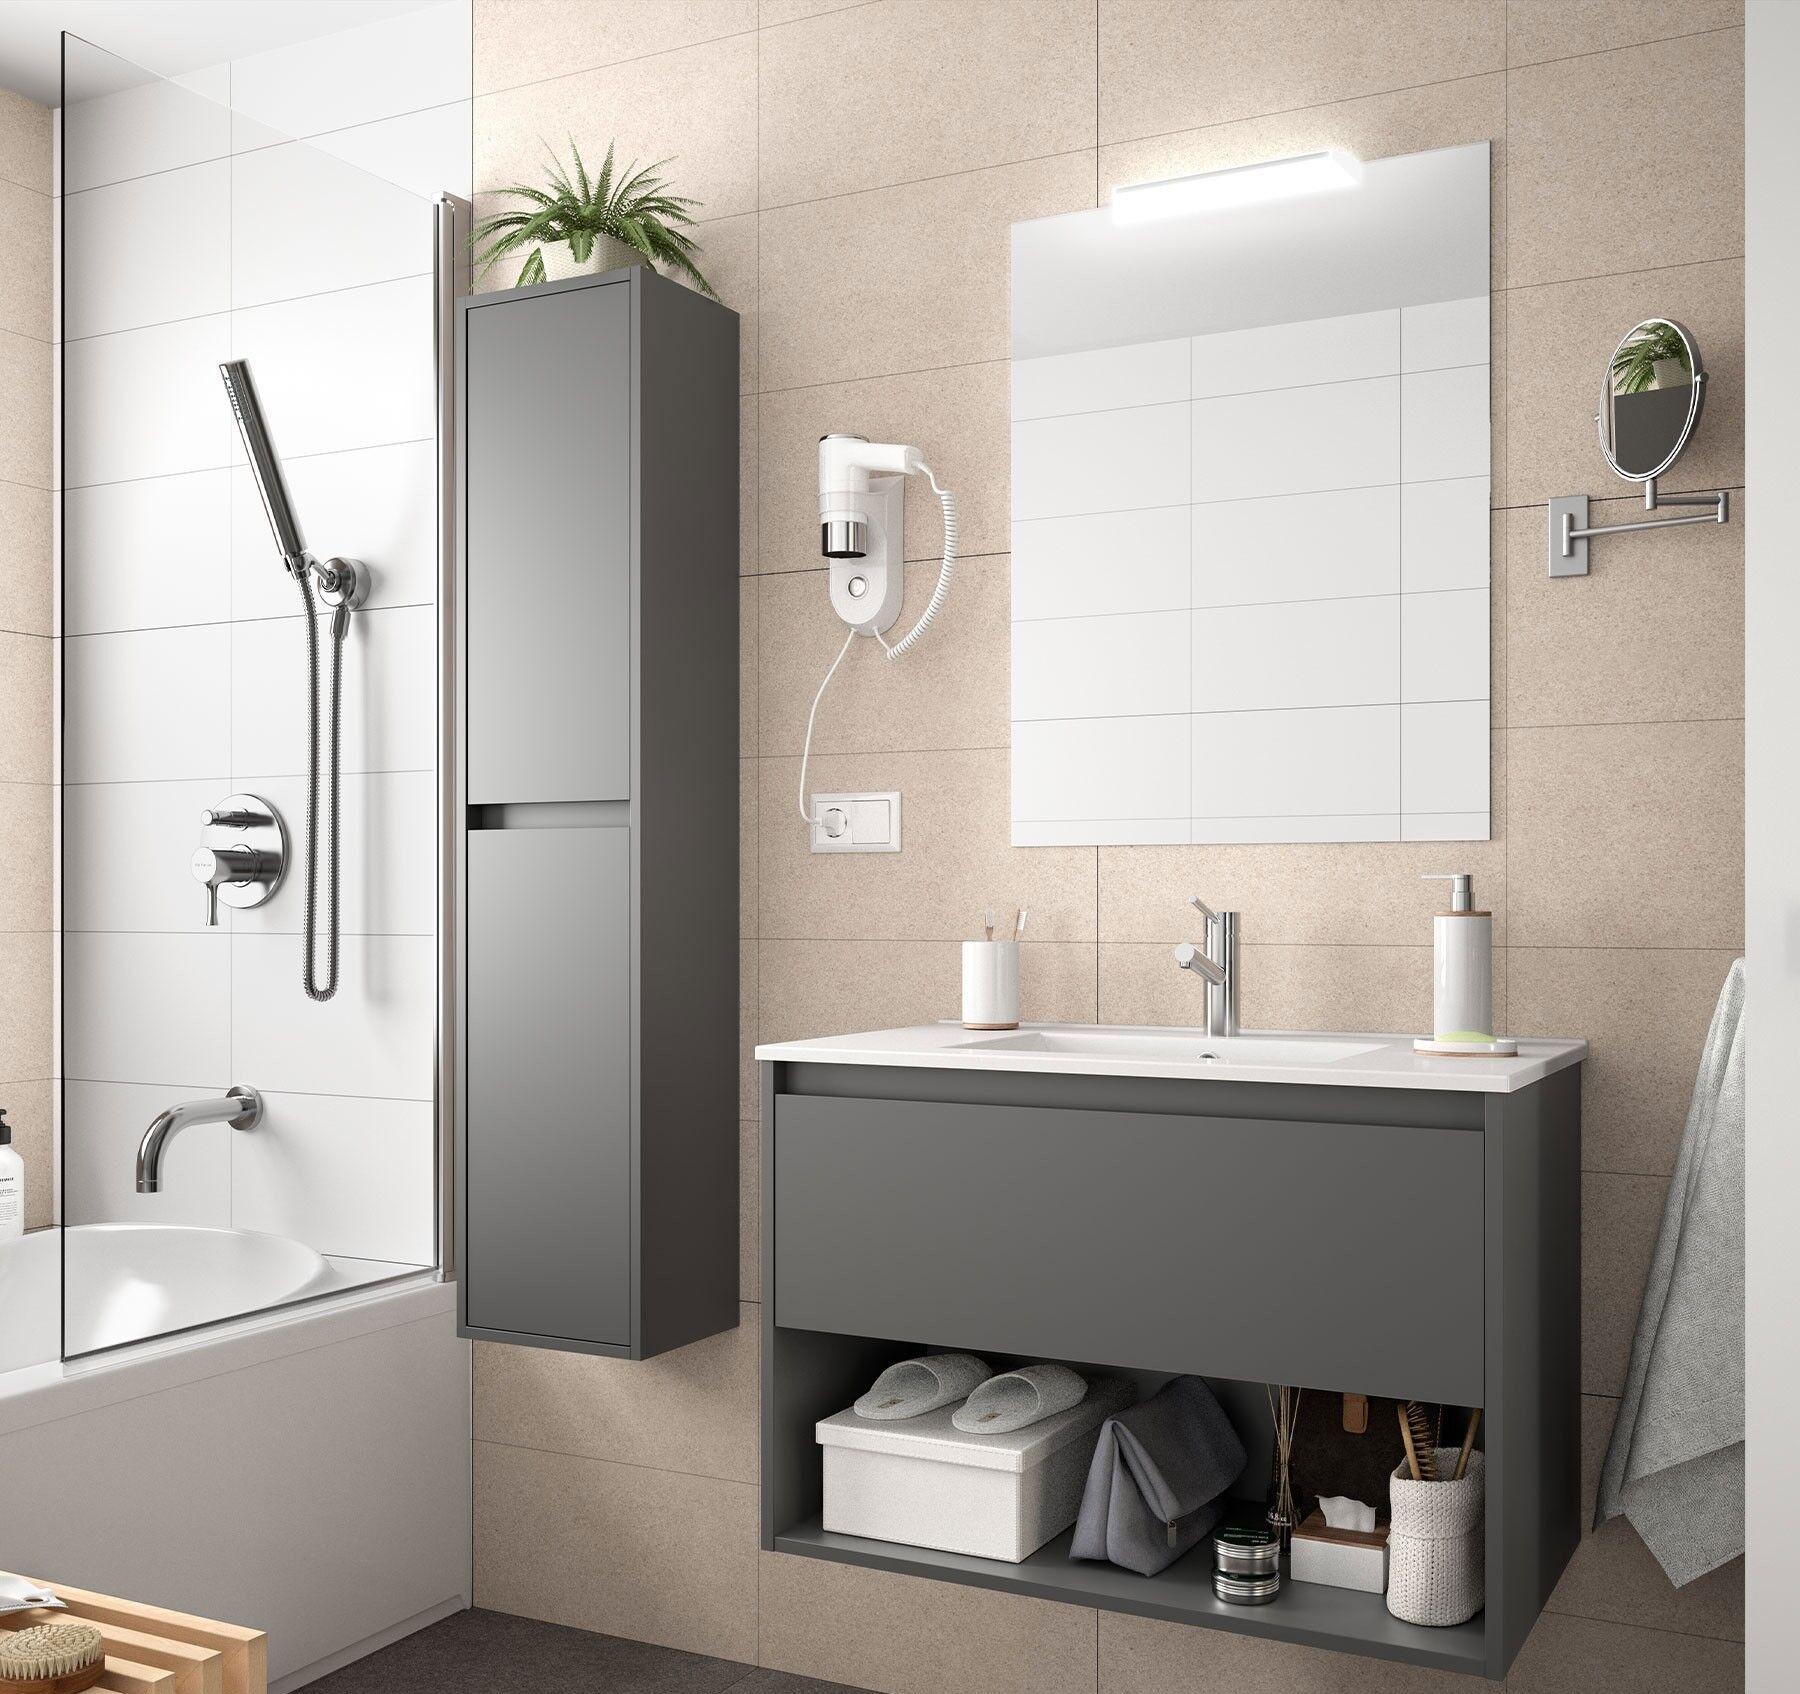 CAESAROO Meuble de salle de bain suspendu 100 cm gris opaque avec un tiroir et un espace   100 cm - Avec double colonne, miroir et lampe à LED